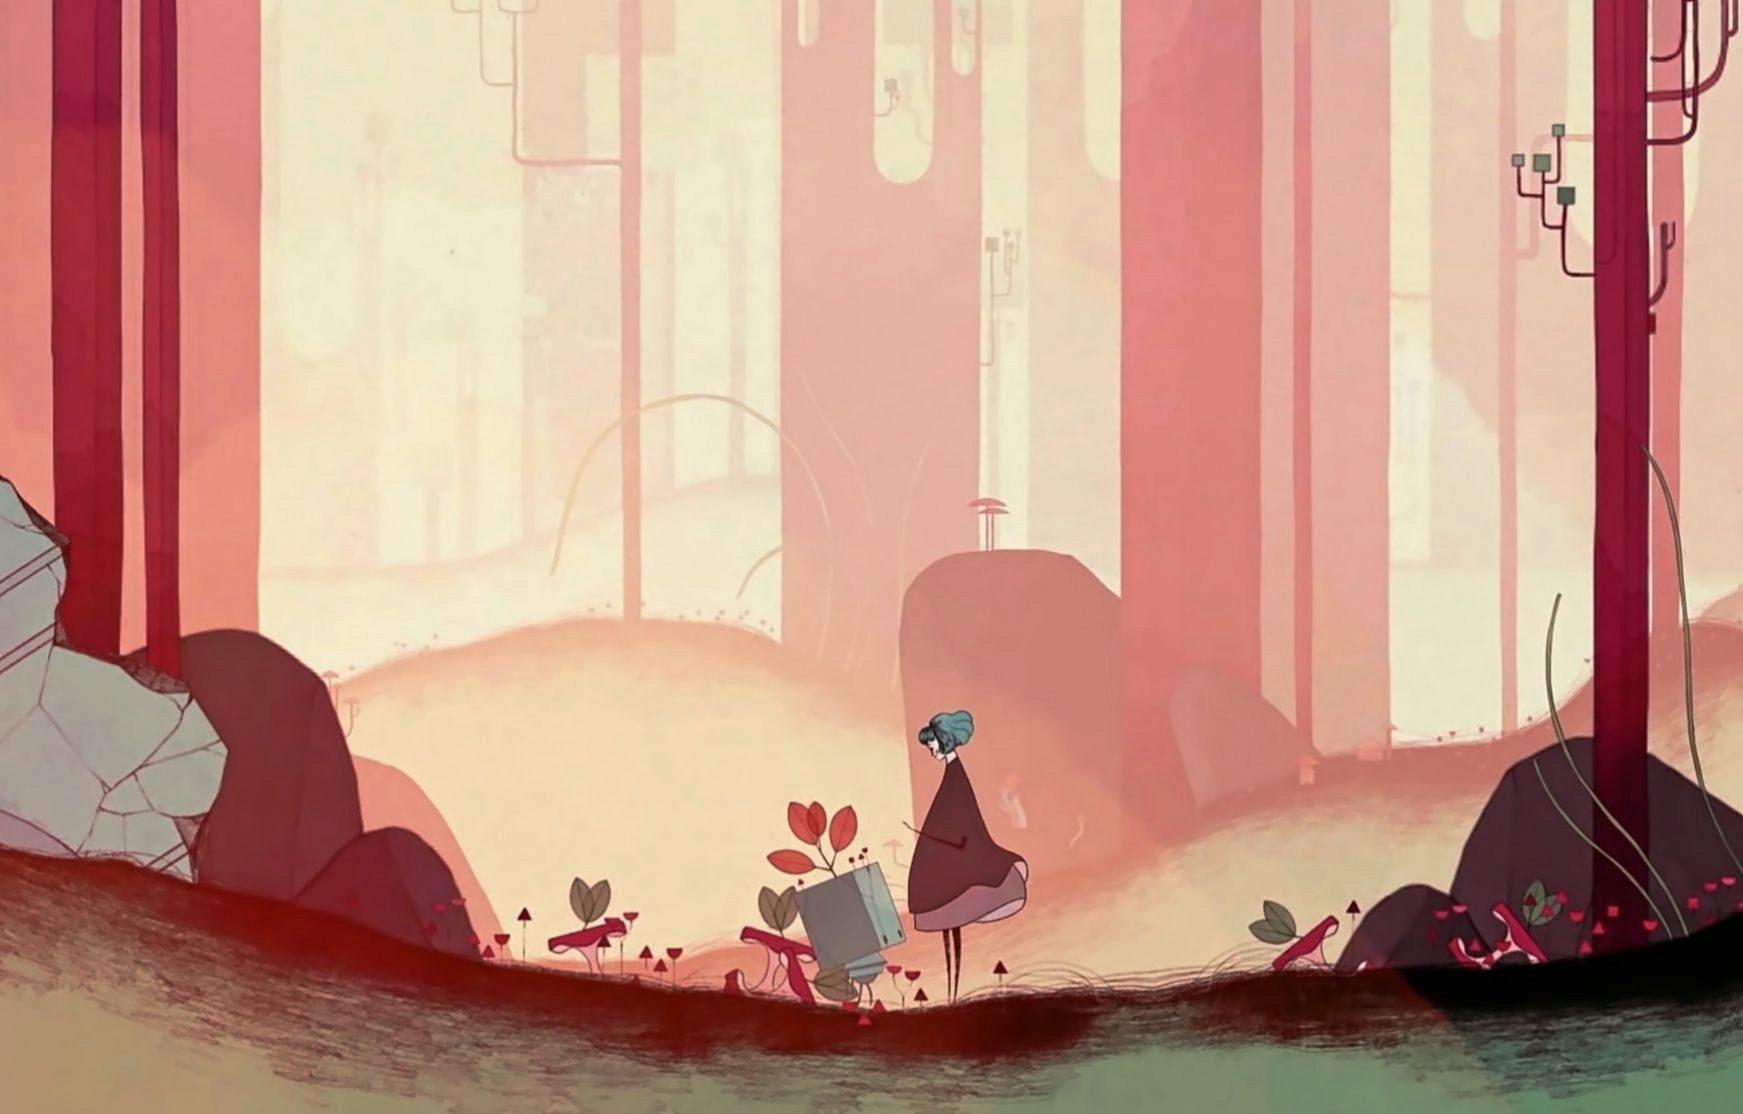 Gris, el esperado debut de Conrad Roset en el videojuego